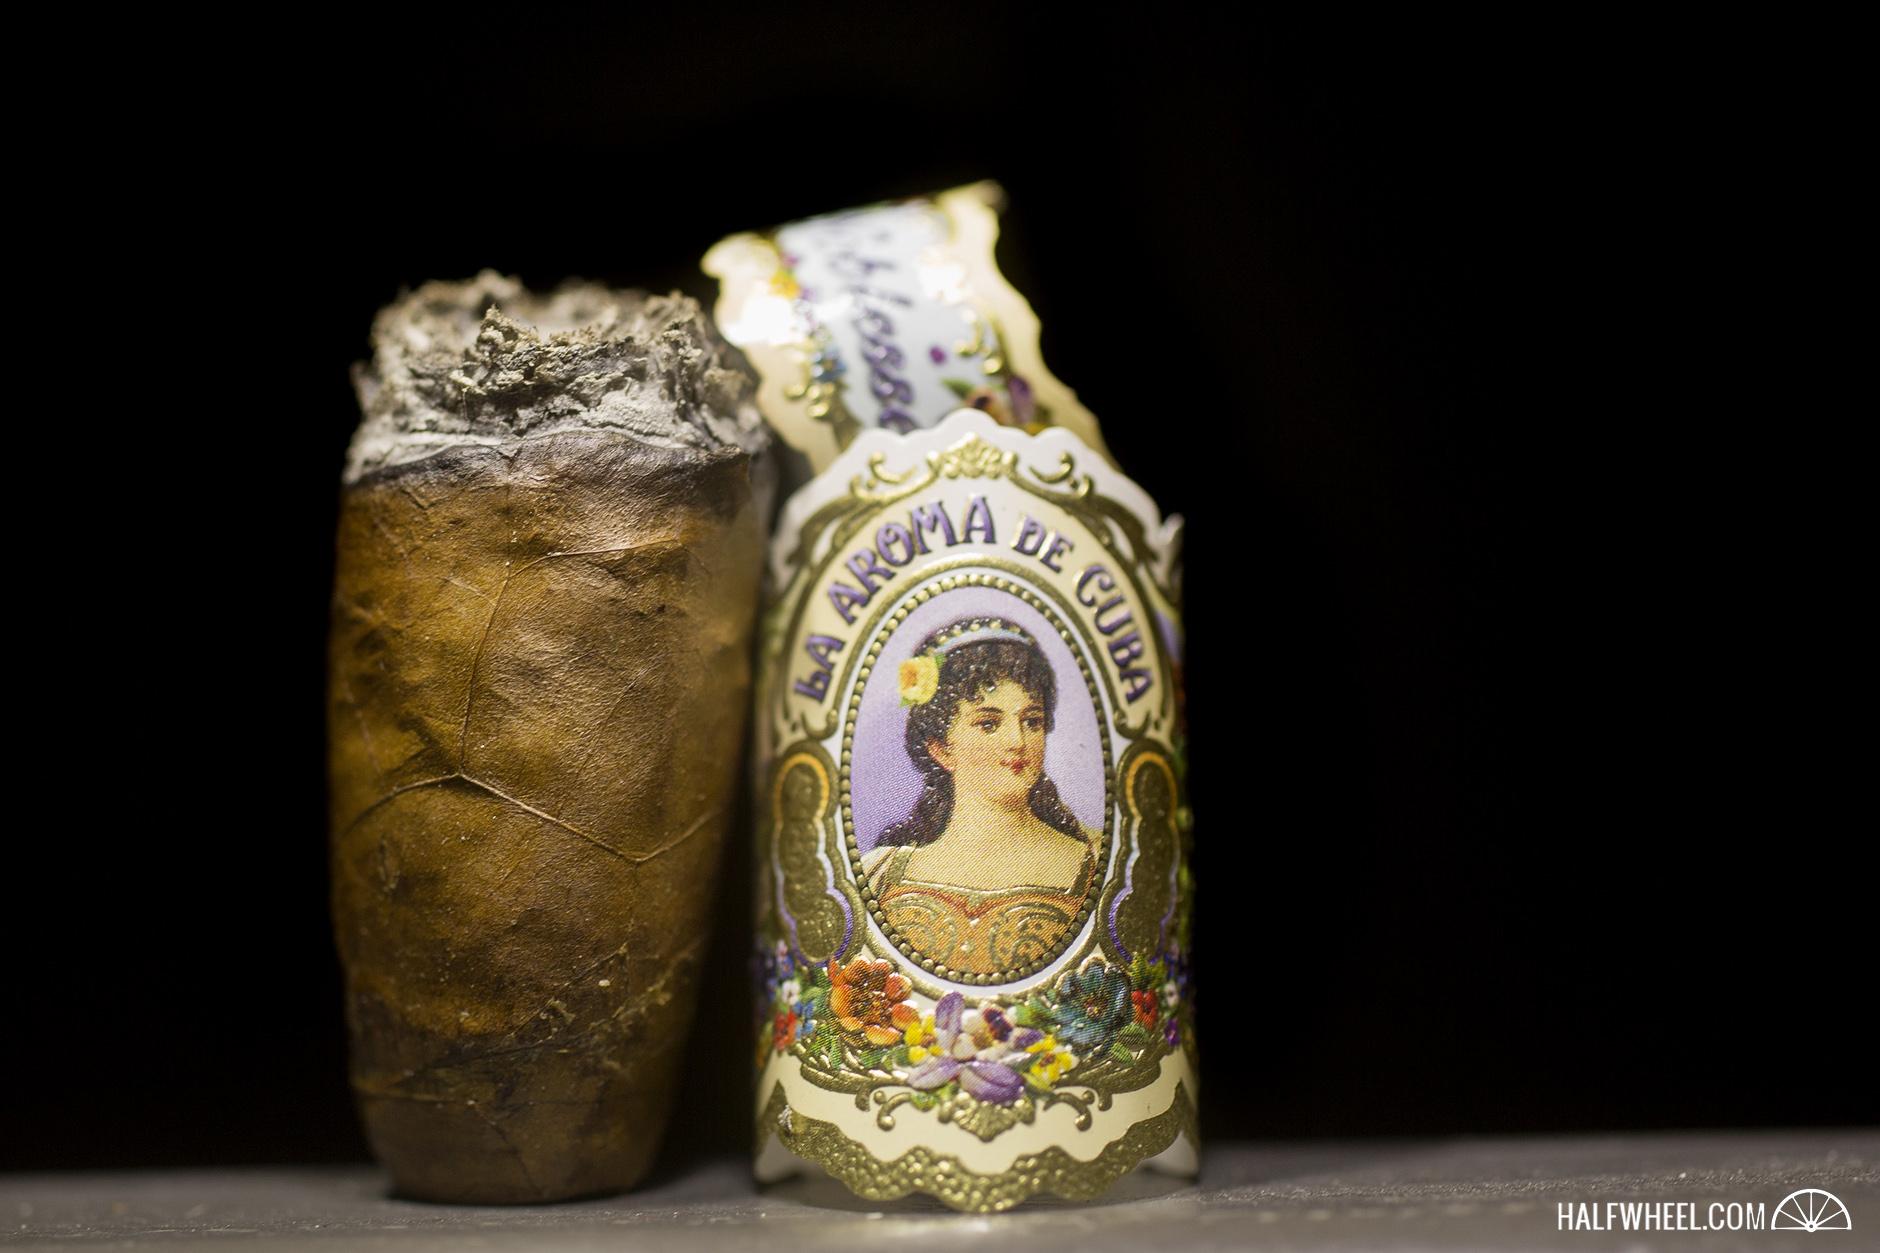 la-aroma-de-cuba-noblesse-viceroy-4